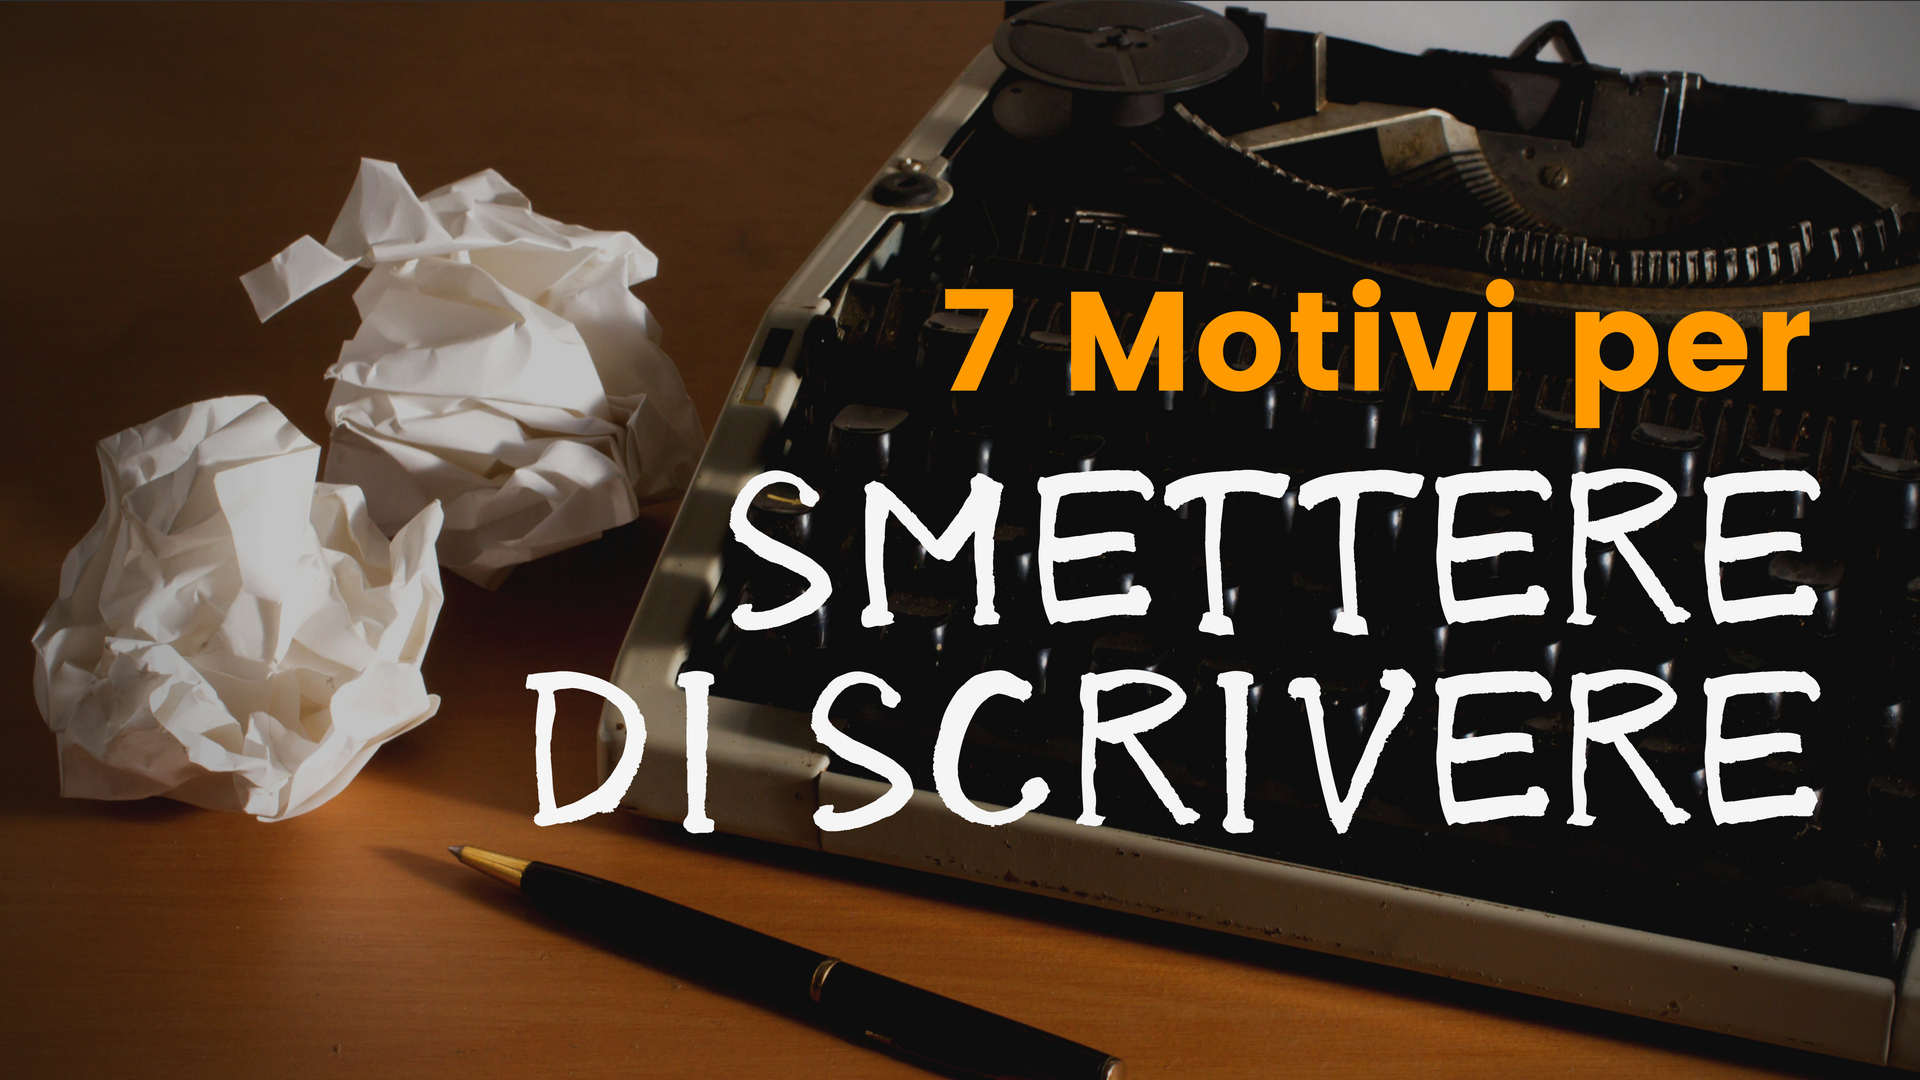 7 motivi per smettere di scrivere